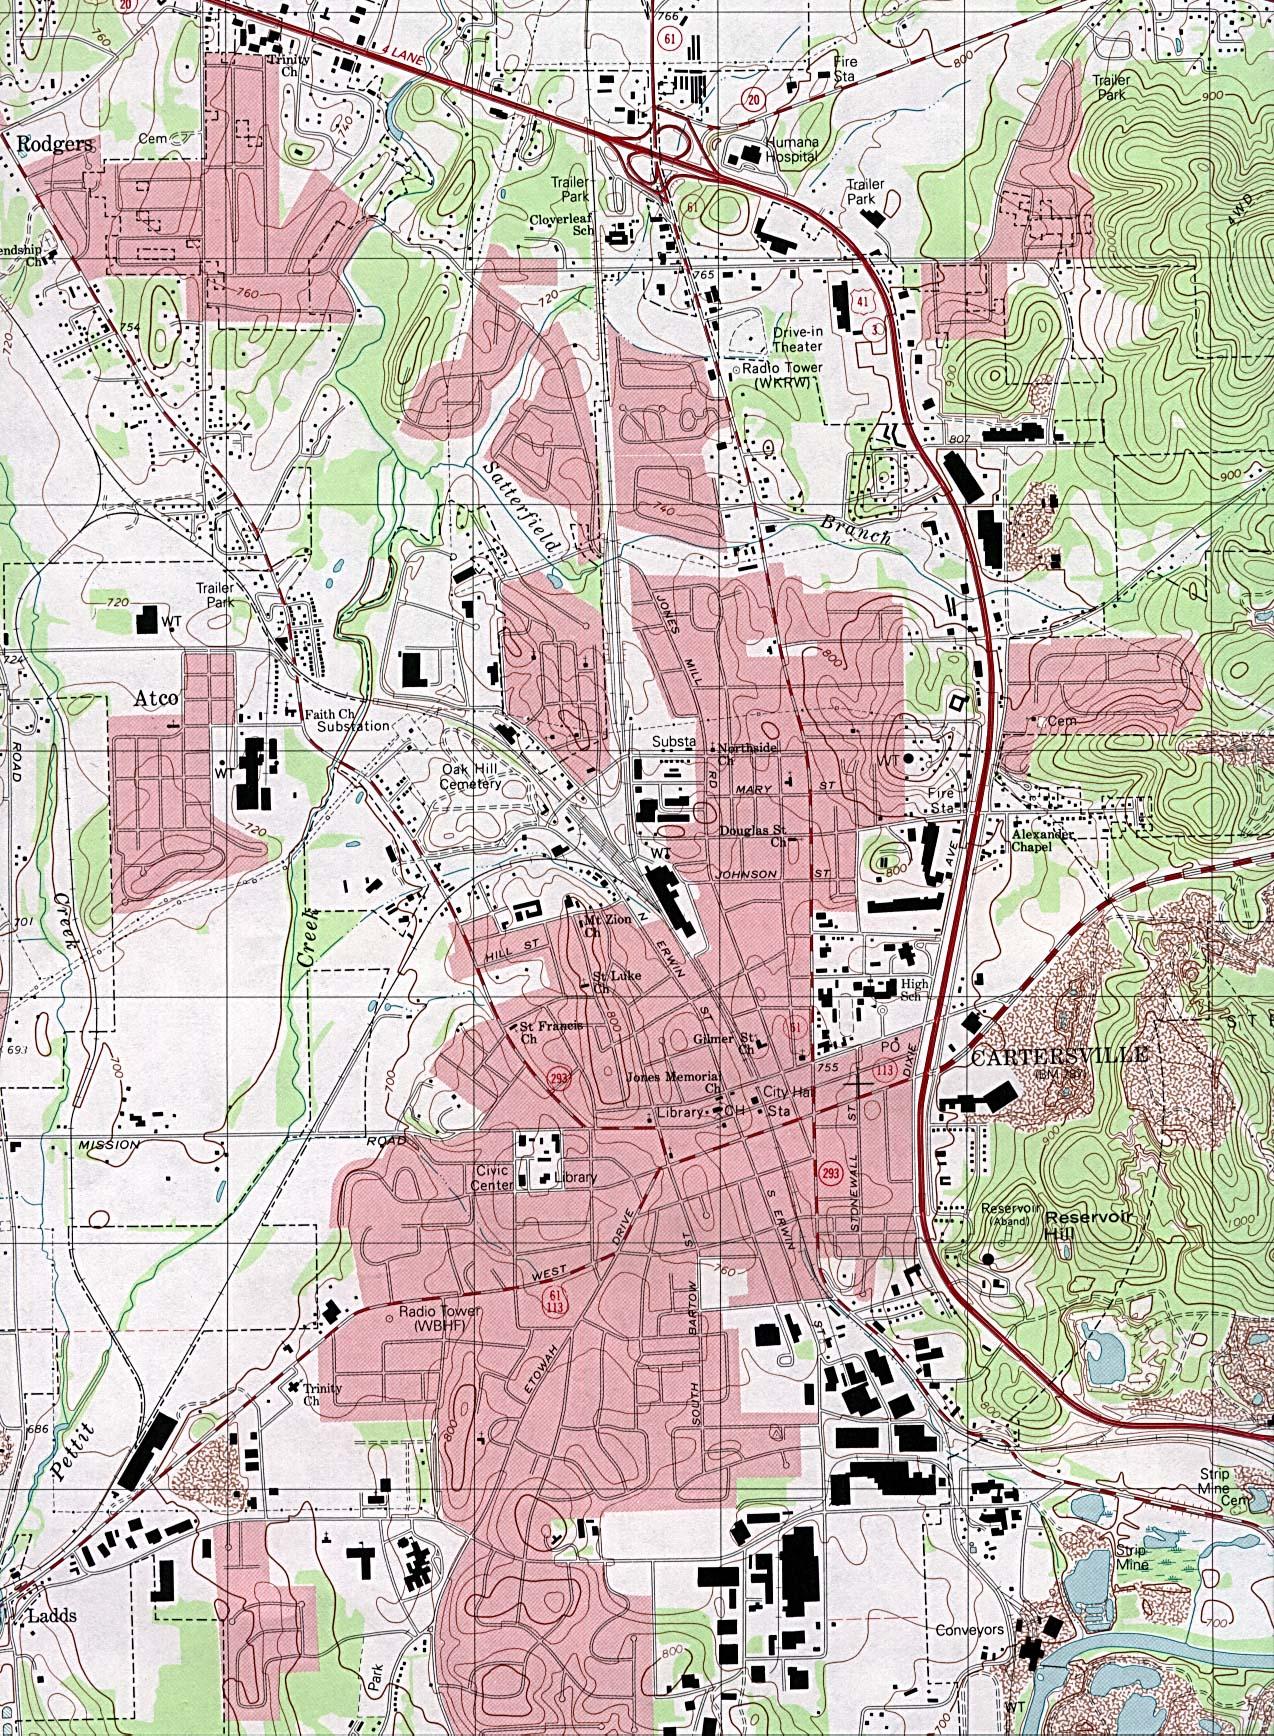 Mapa Topográfico de la Ciudad de Cartersville, Georgia, Estados Unidos